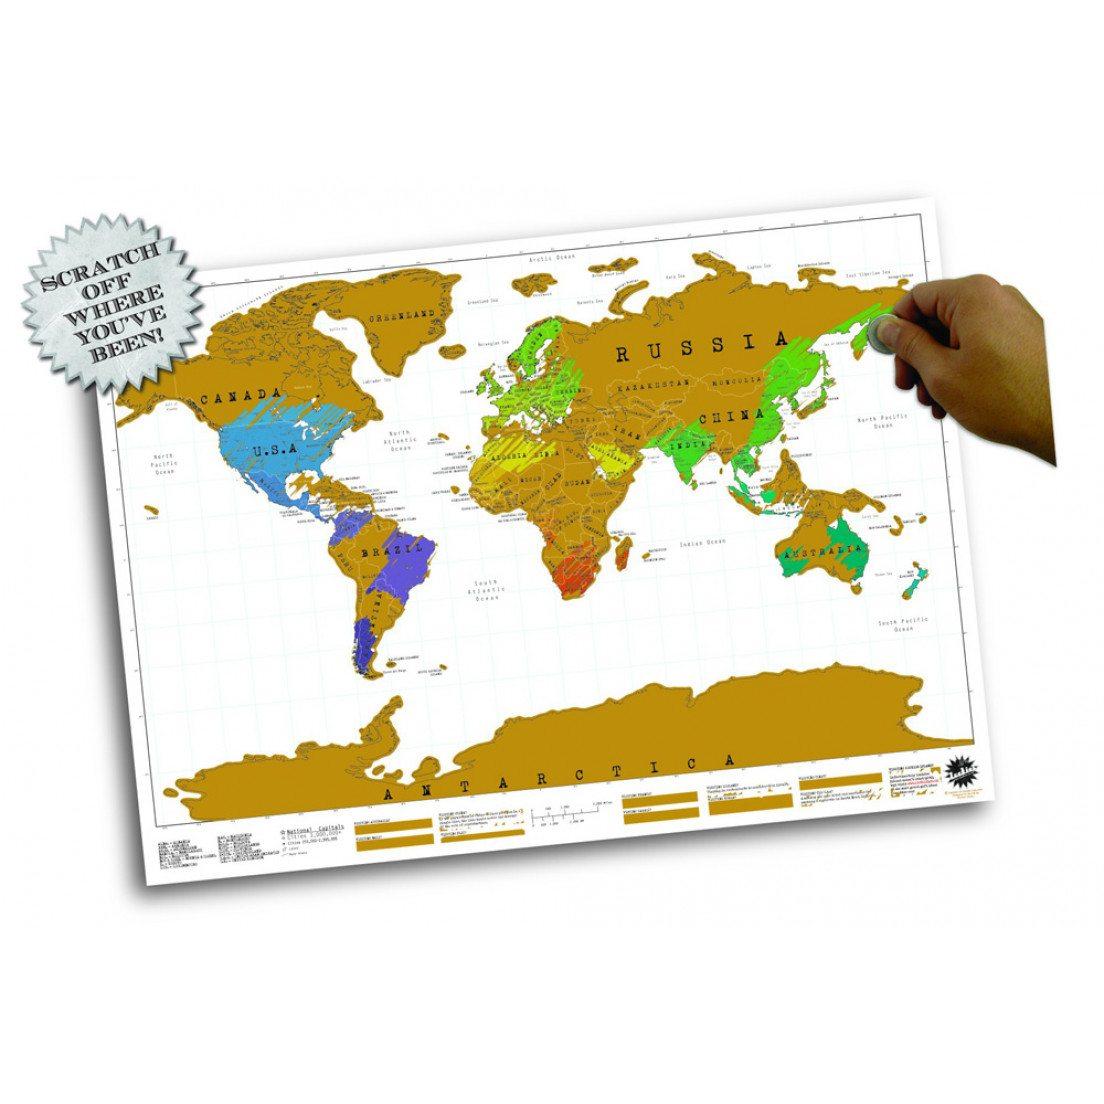 Cartina Geografica Scratch Map.Poster Scratch Map Carta Geografica Da Grattare Smyla It